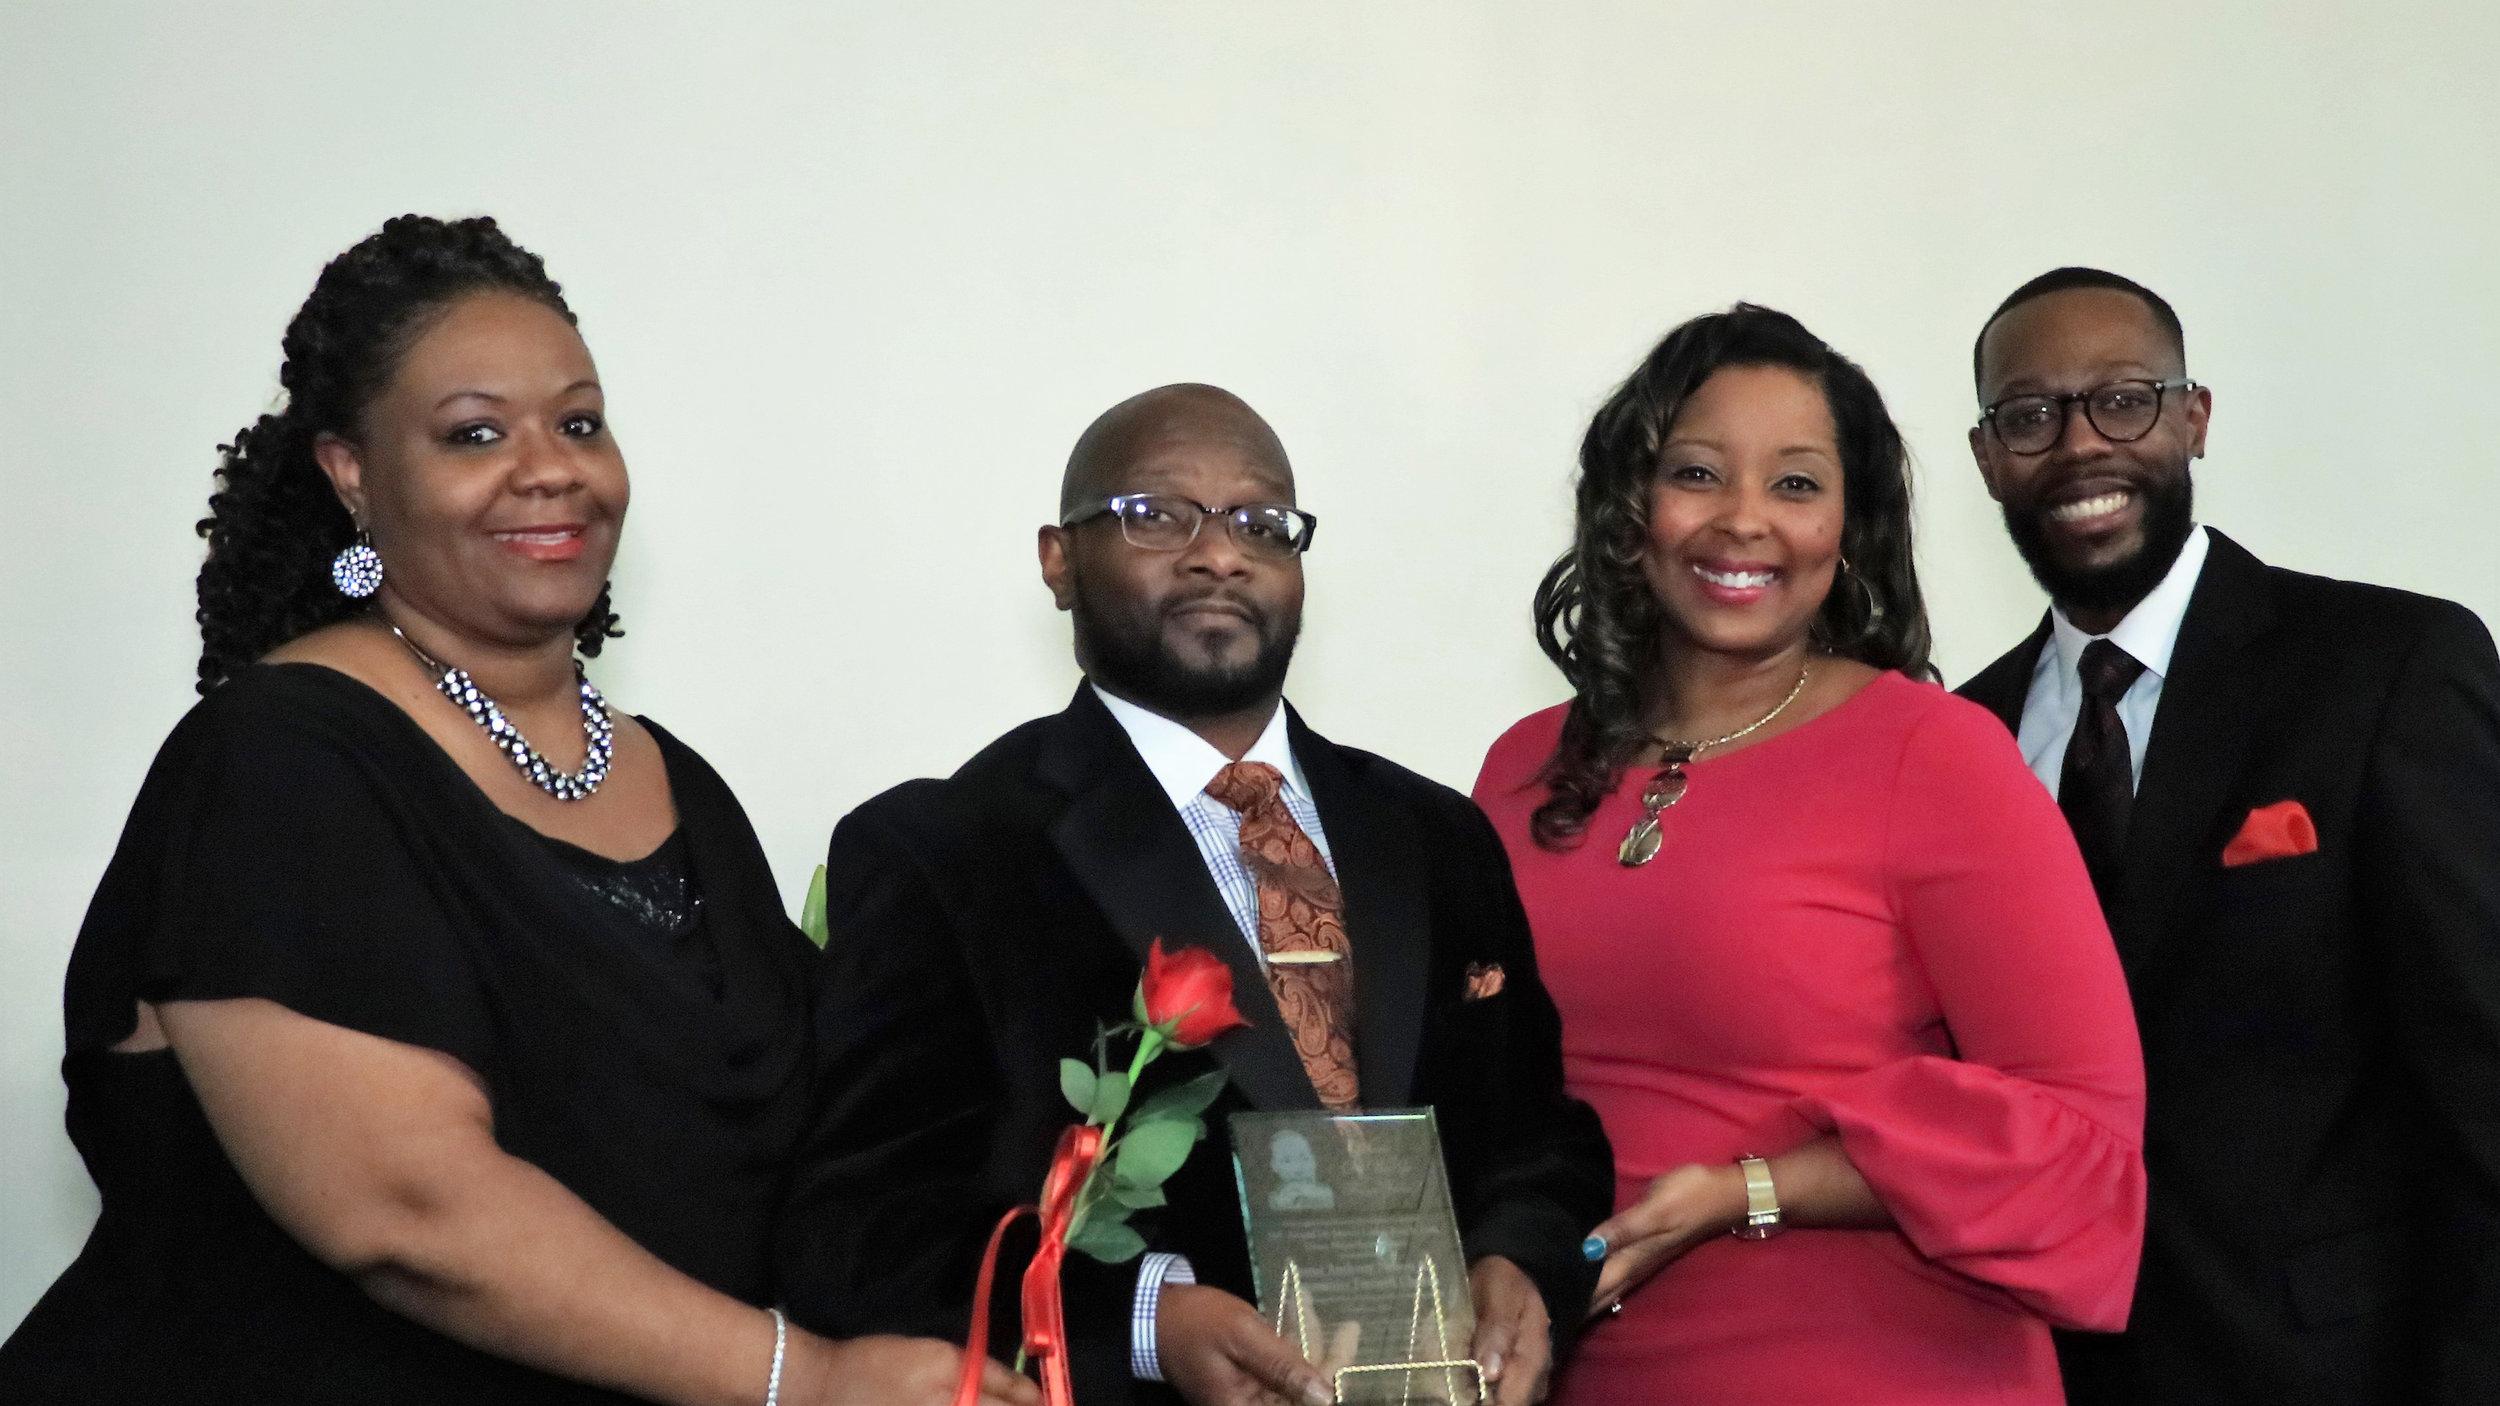 Sandra Warren, Pastor Anthony Nelson and Tara Chambers-Givans